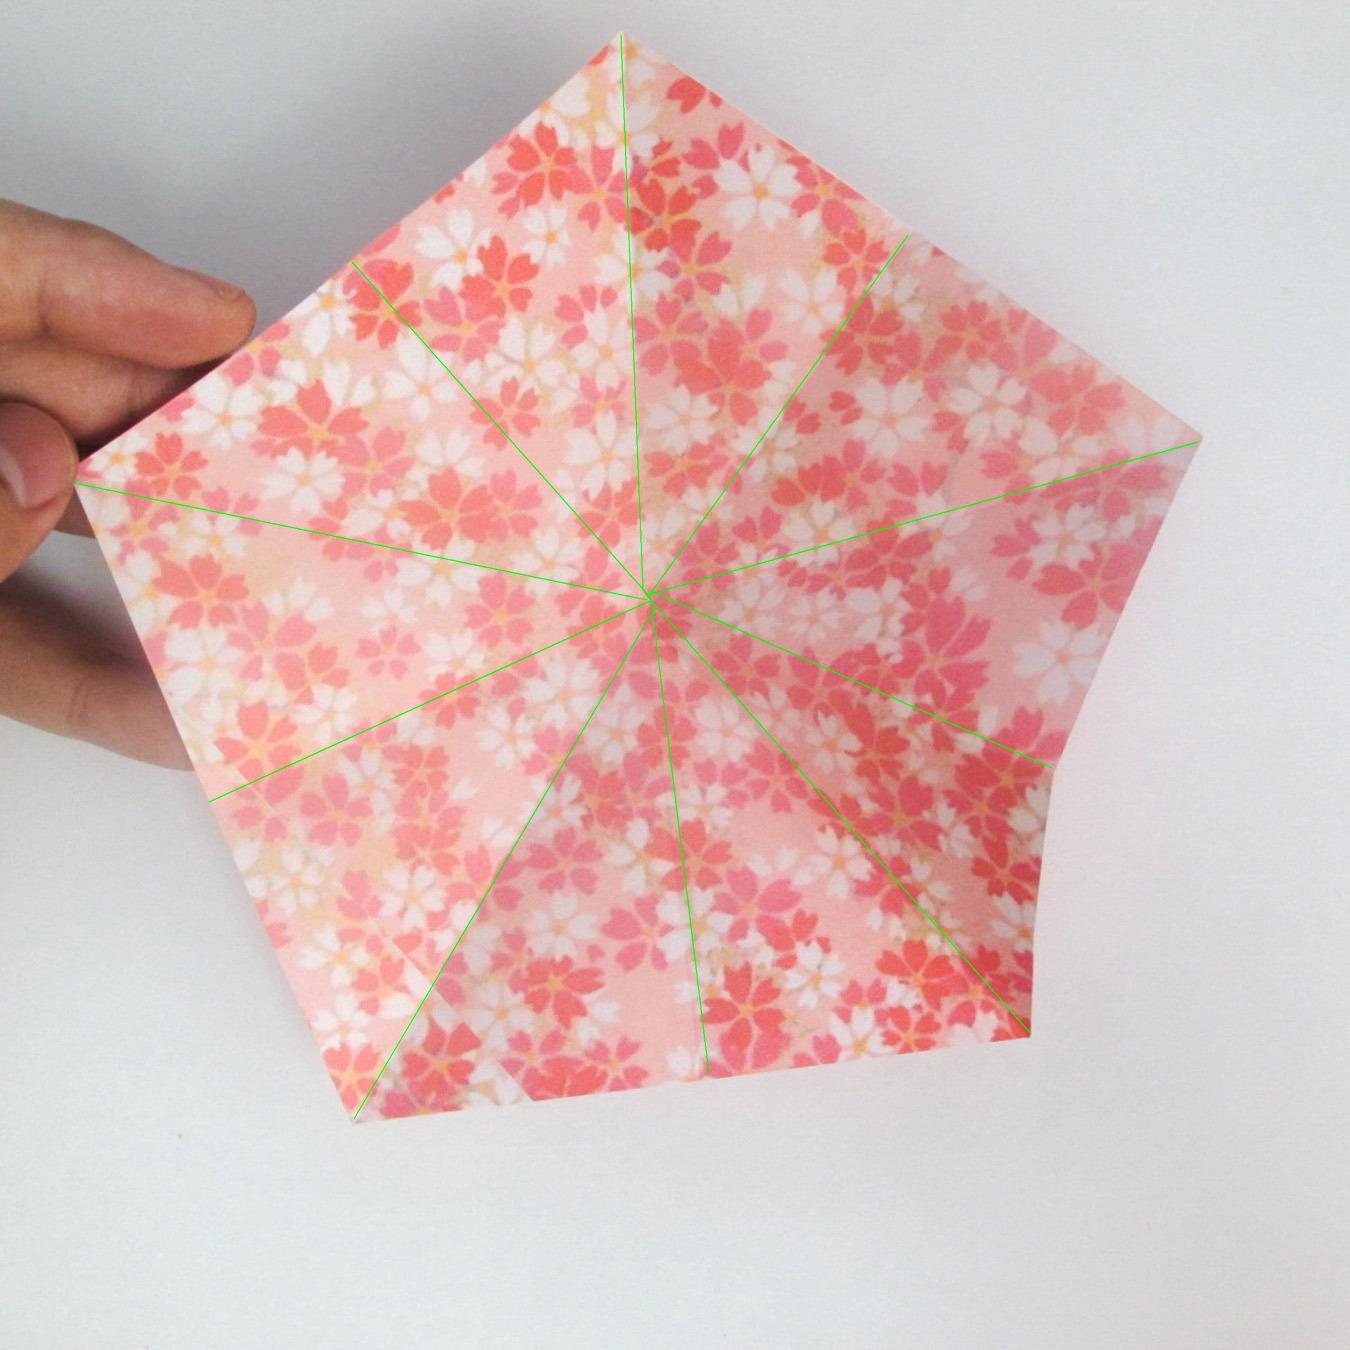 สอนวิธีการพับกระดาษเป็นดอกมะเฟือง (Origami Carambola) 004